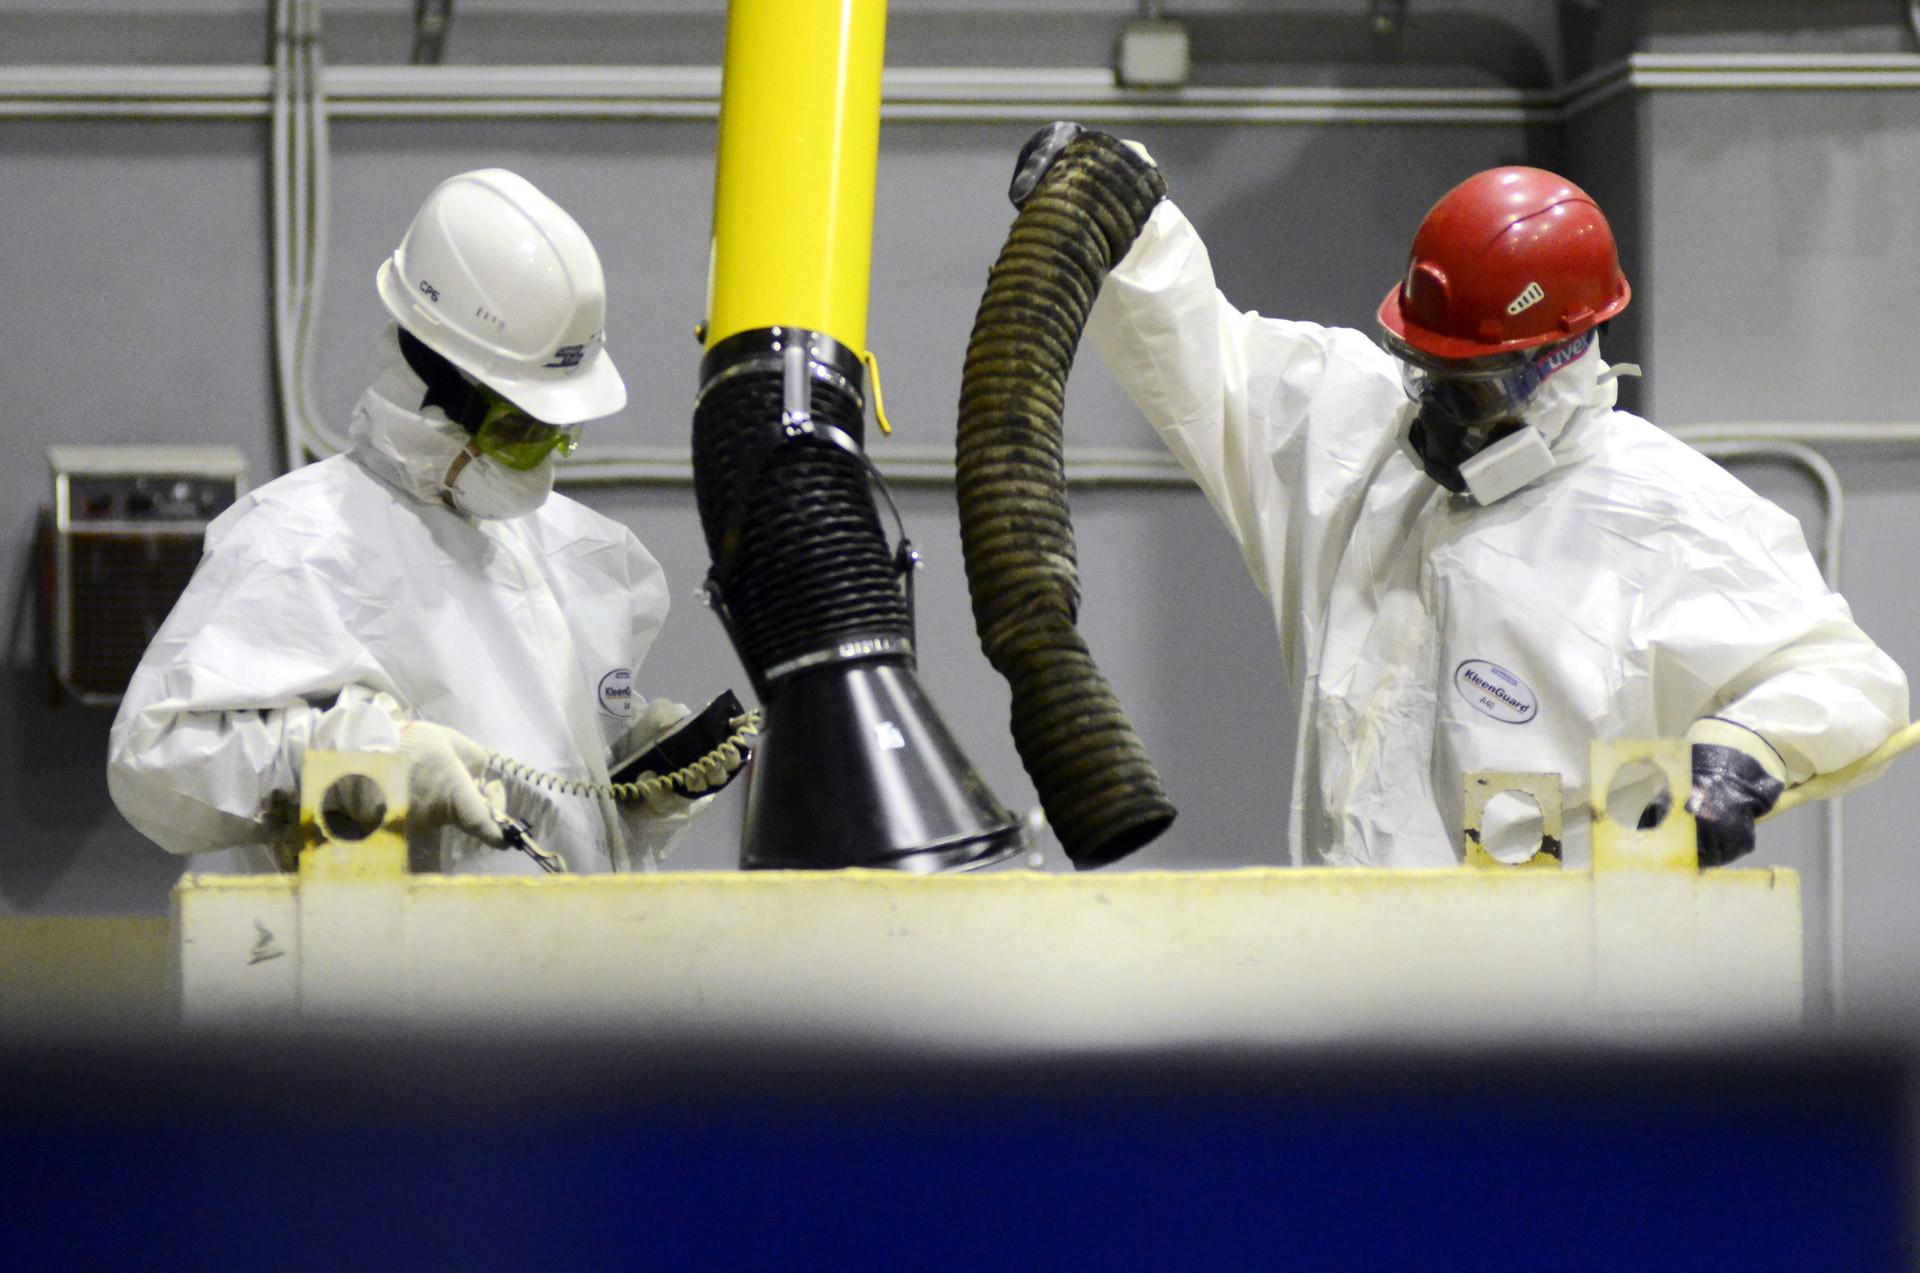 Trabajadores prensan y secan desechos radiactivos sólidos en un taller en la planta de reprocesamiento, acondicionamiento y almacenamiento de desechos radiactivos.